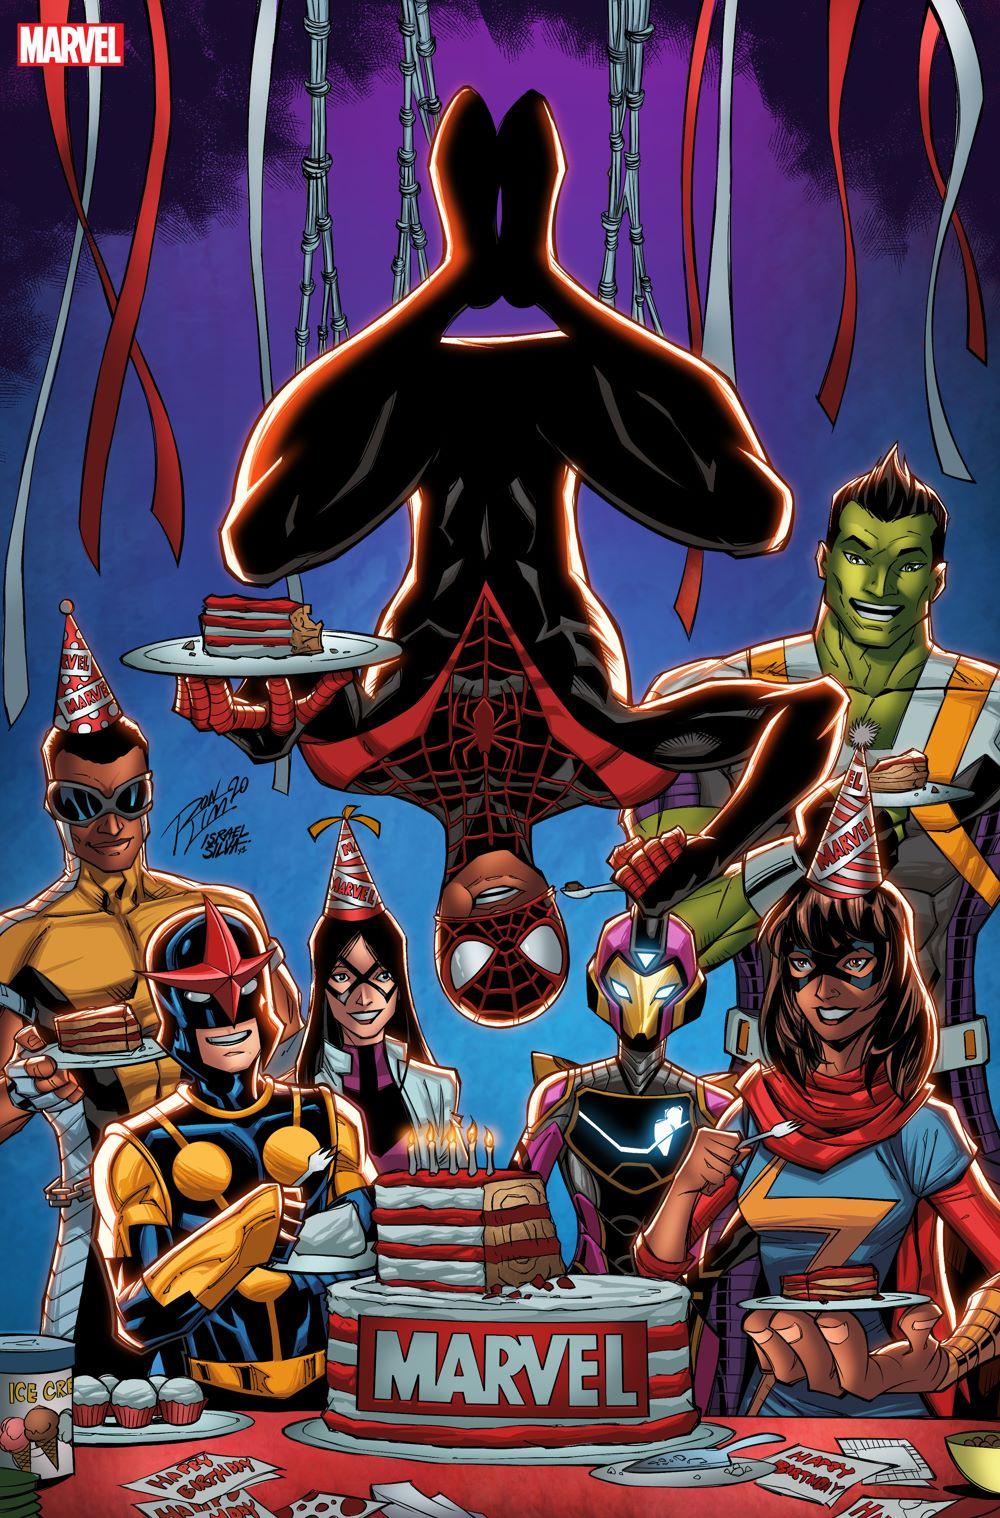 MMSM2018018_Lim_Birthday-variant Marvel celebrates its 81st birthday on August 31